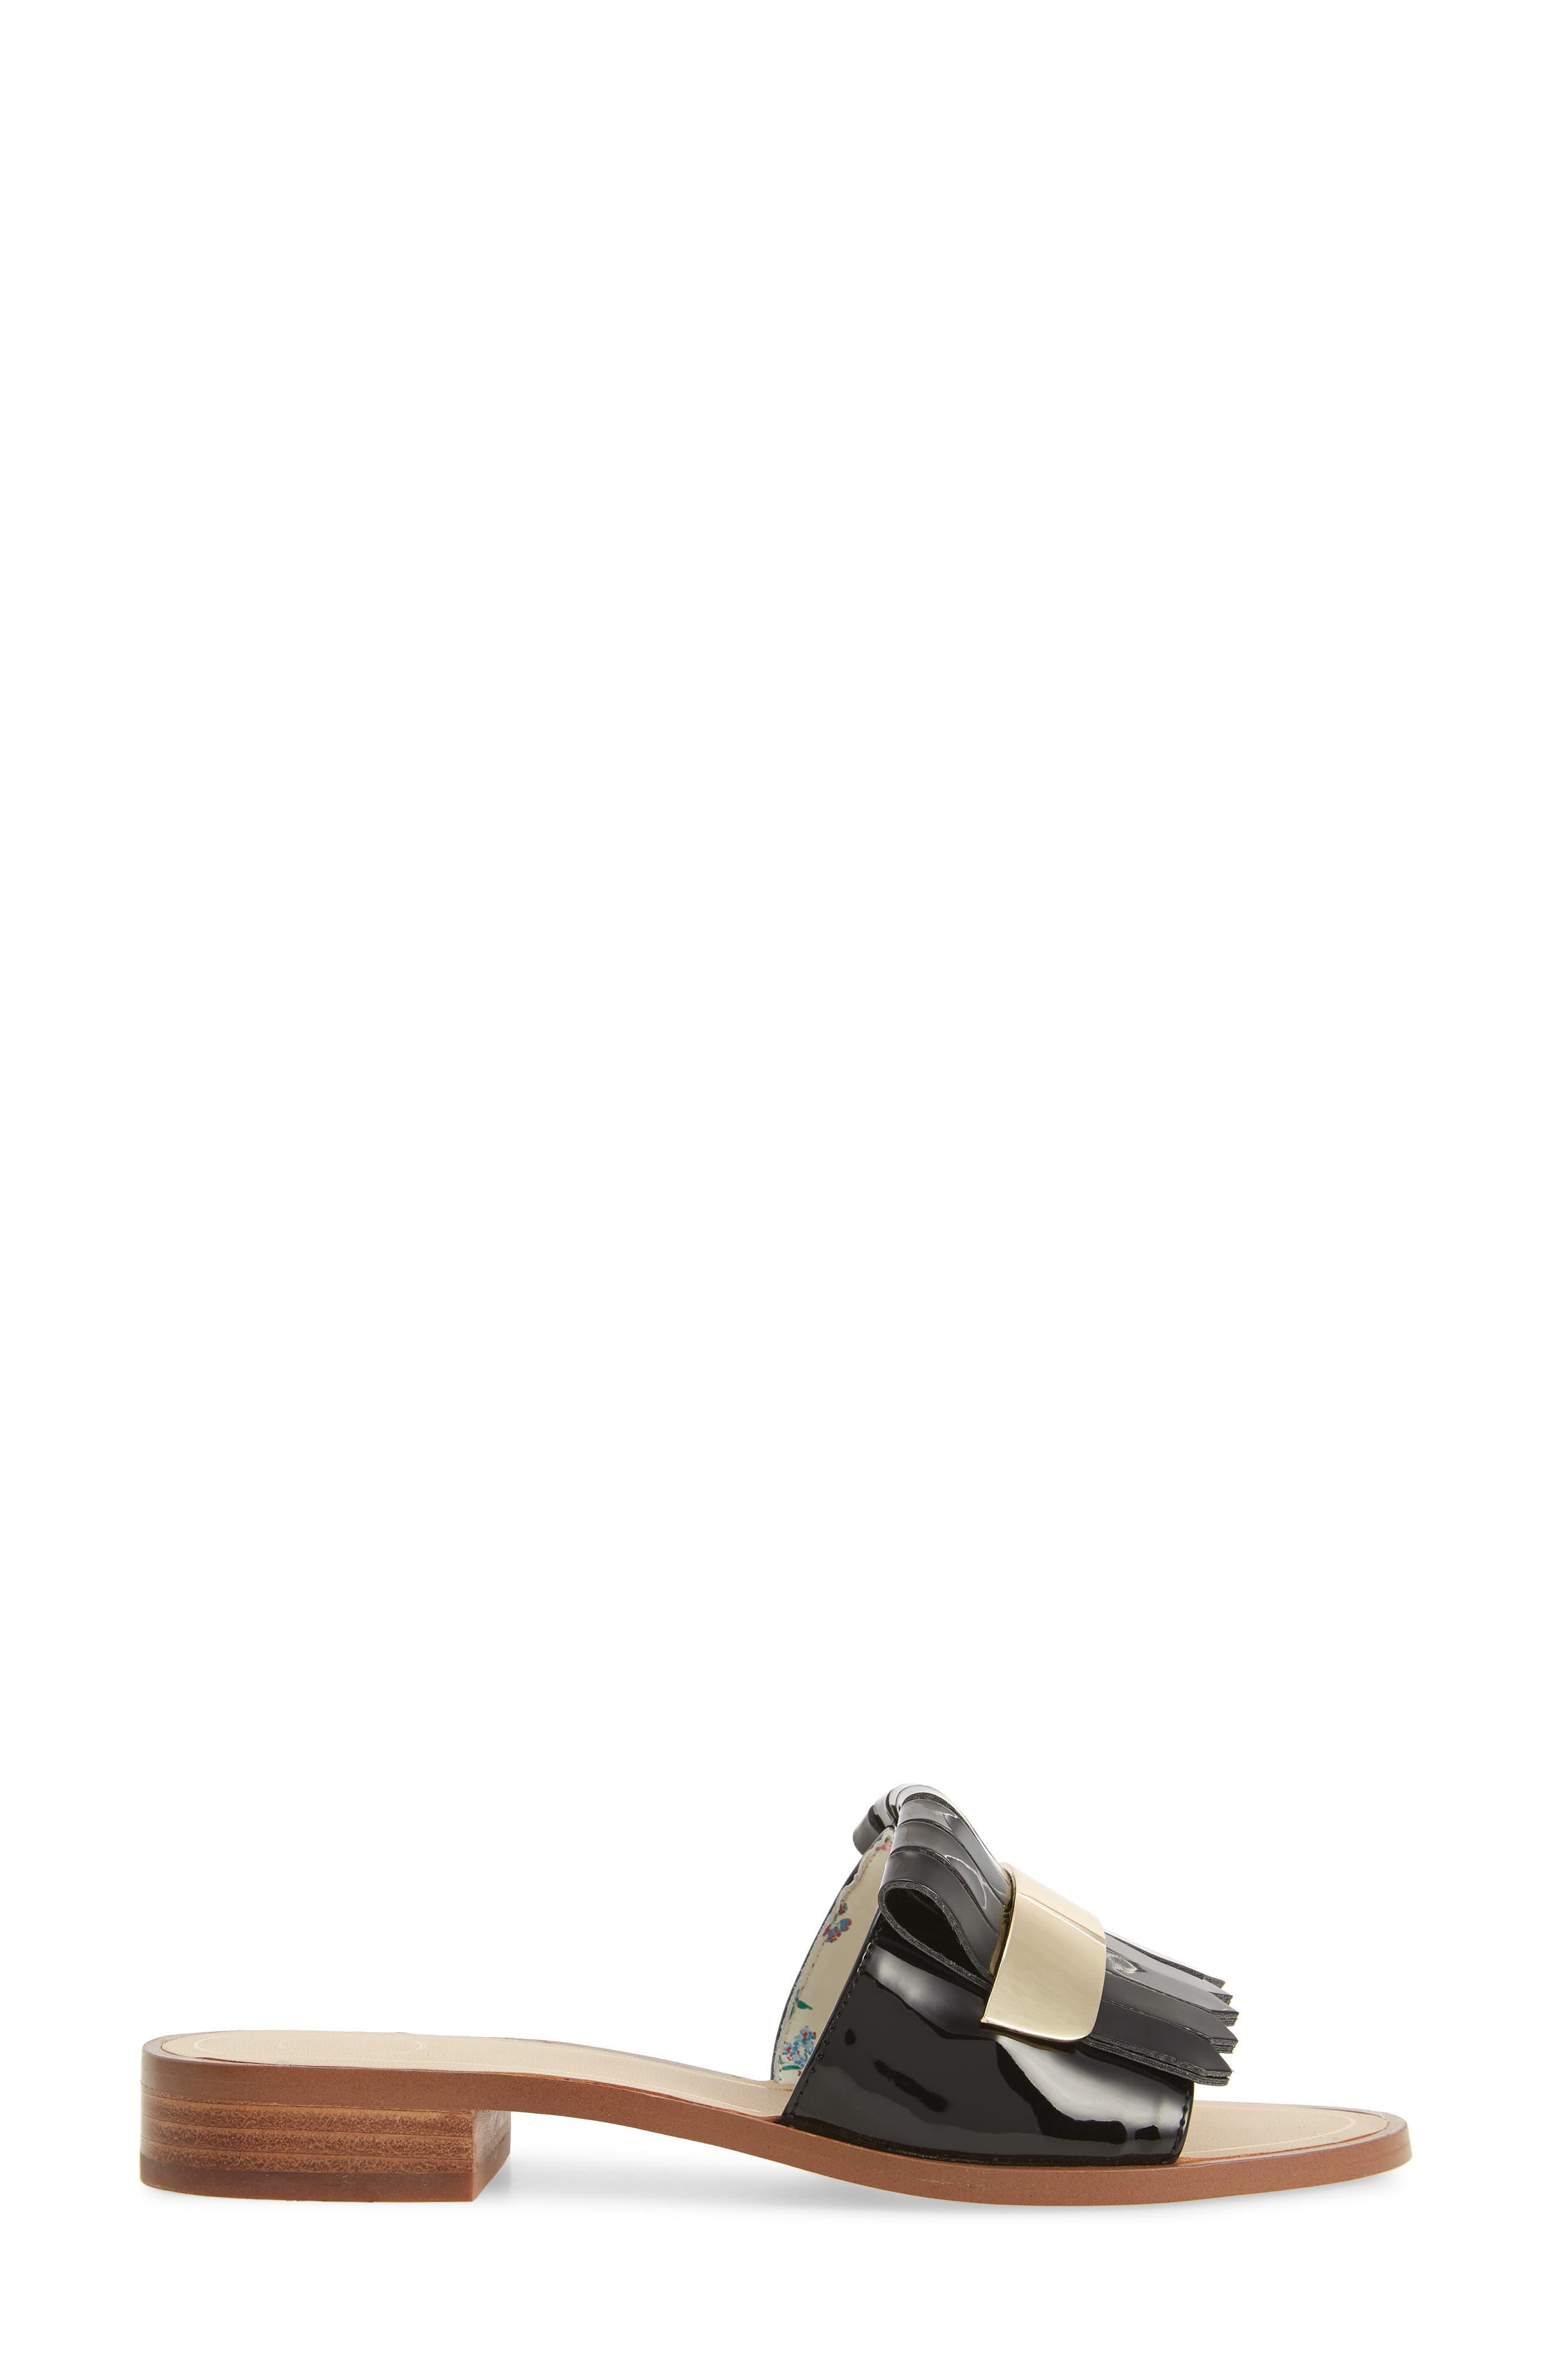 Aldrich Slide Sandal,                             Alternate thumbnail 3, color,                             002